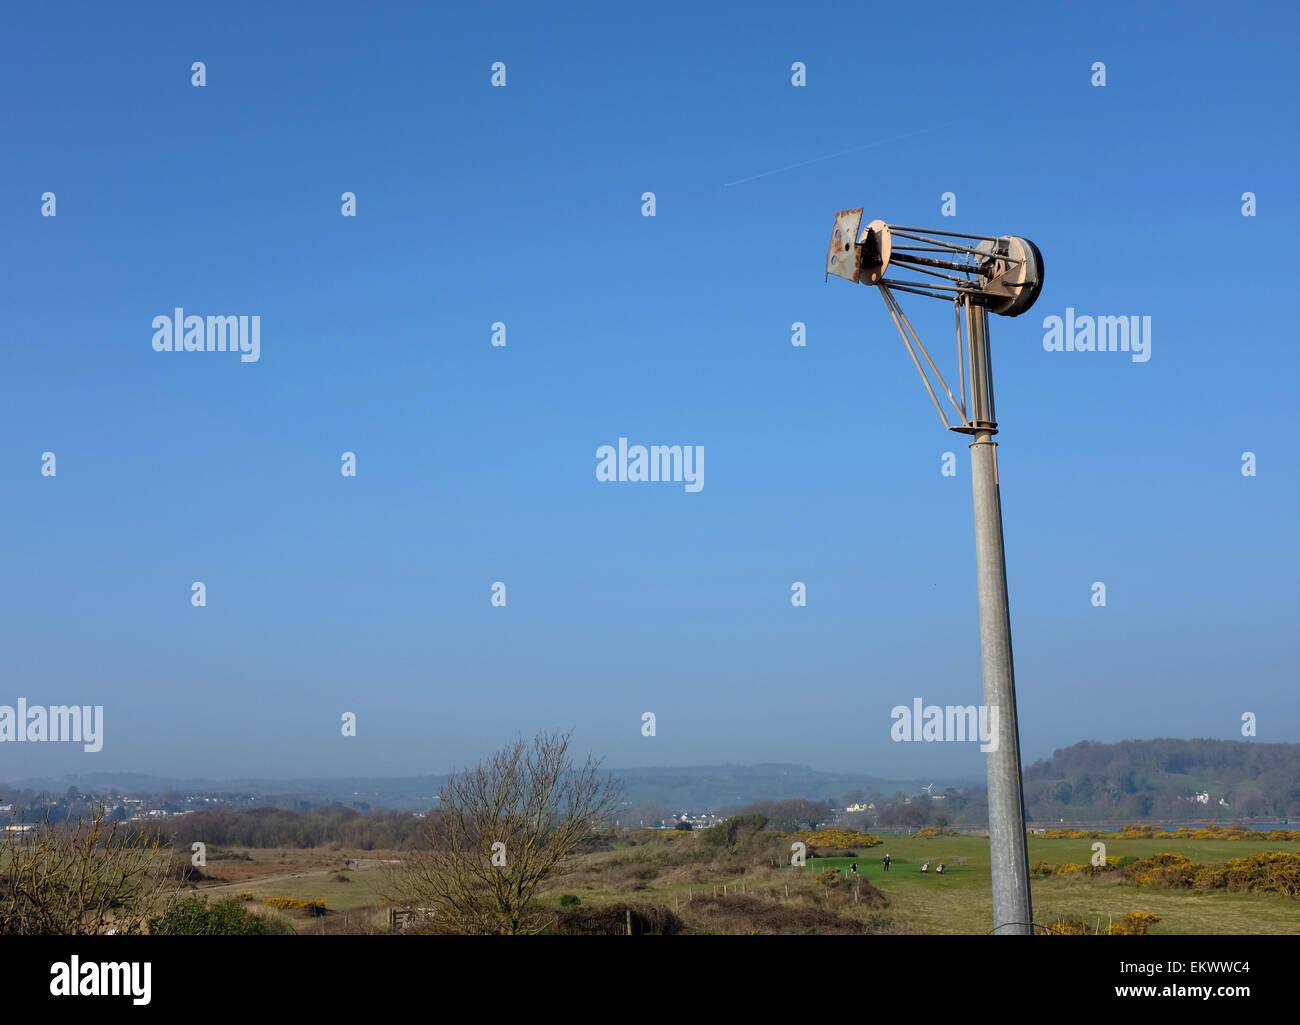 Überreste einer Windkraftanlage beschädigt durch Küstenwinde und Wetter vor blauem Himmel Stockbild